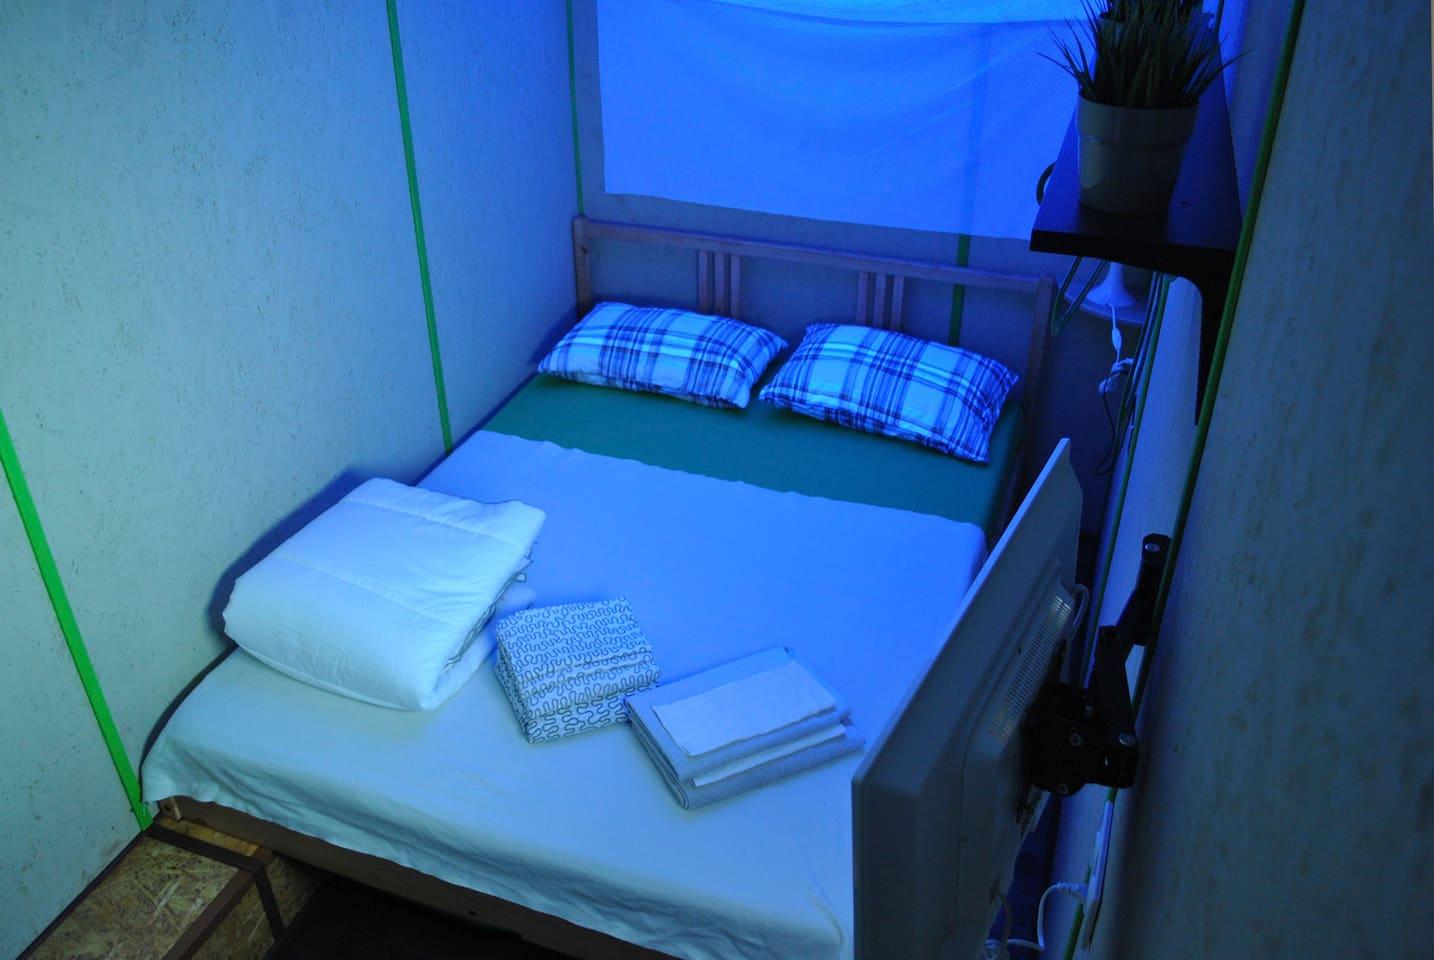 Прекрасный неоновый ночник создаёт неповторимую атмосферу!